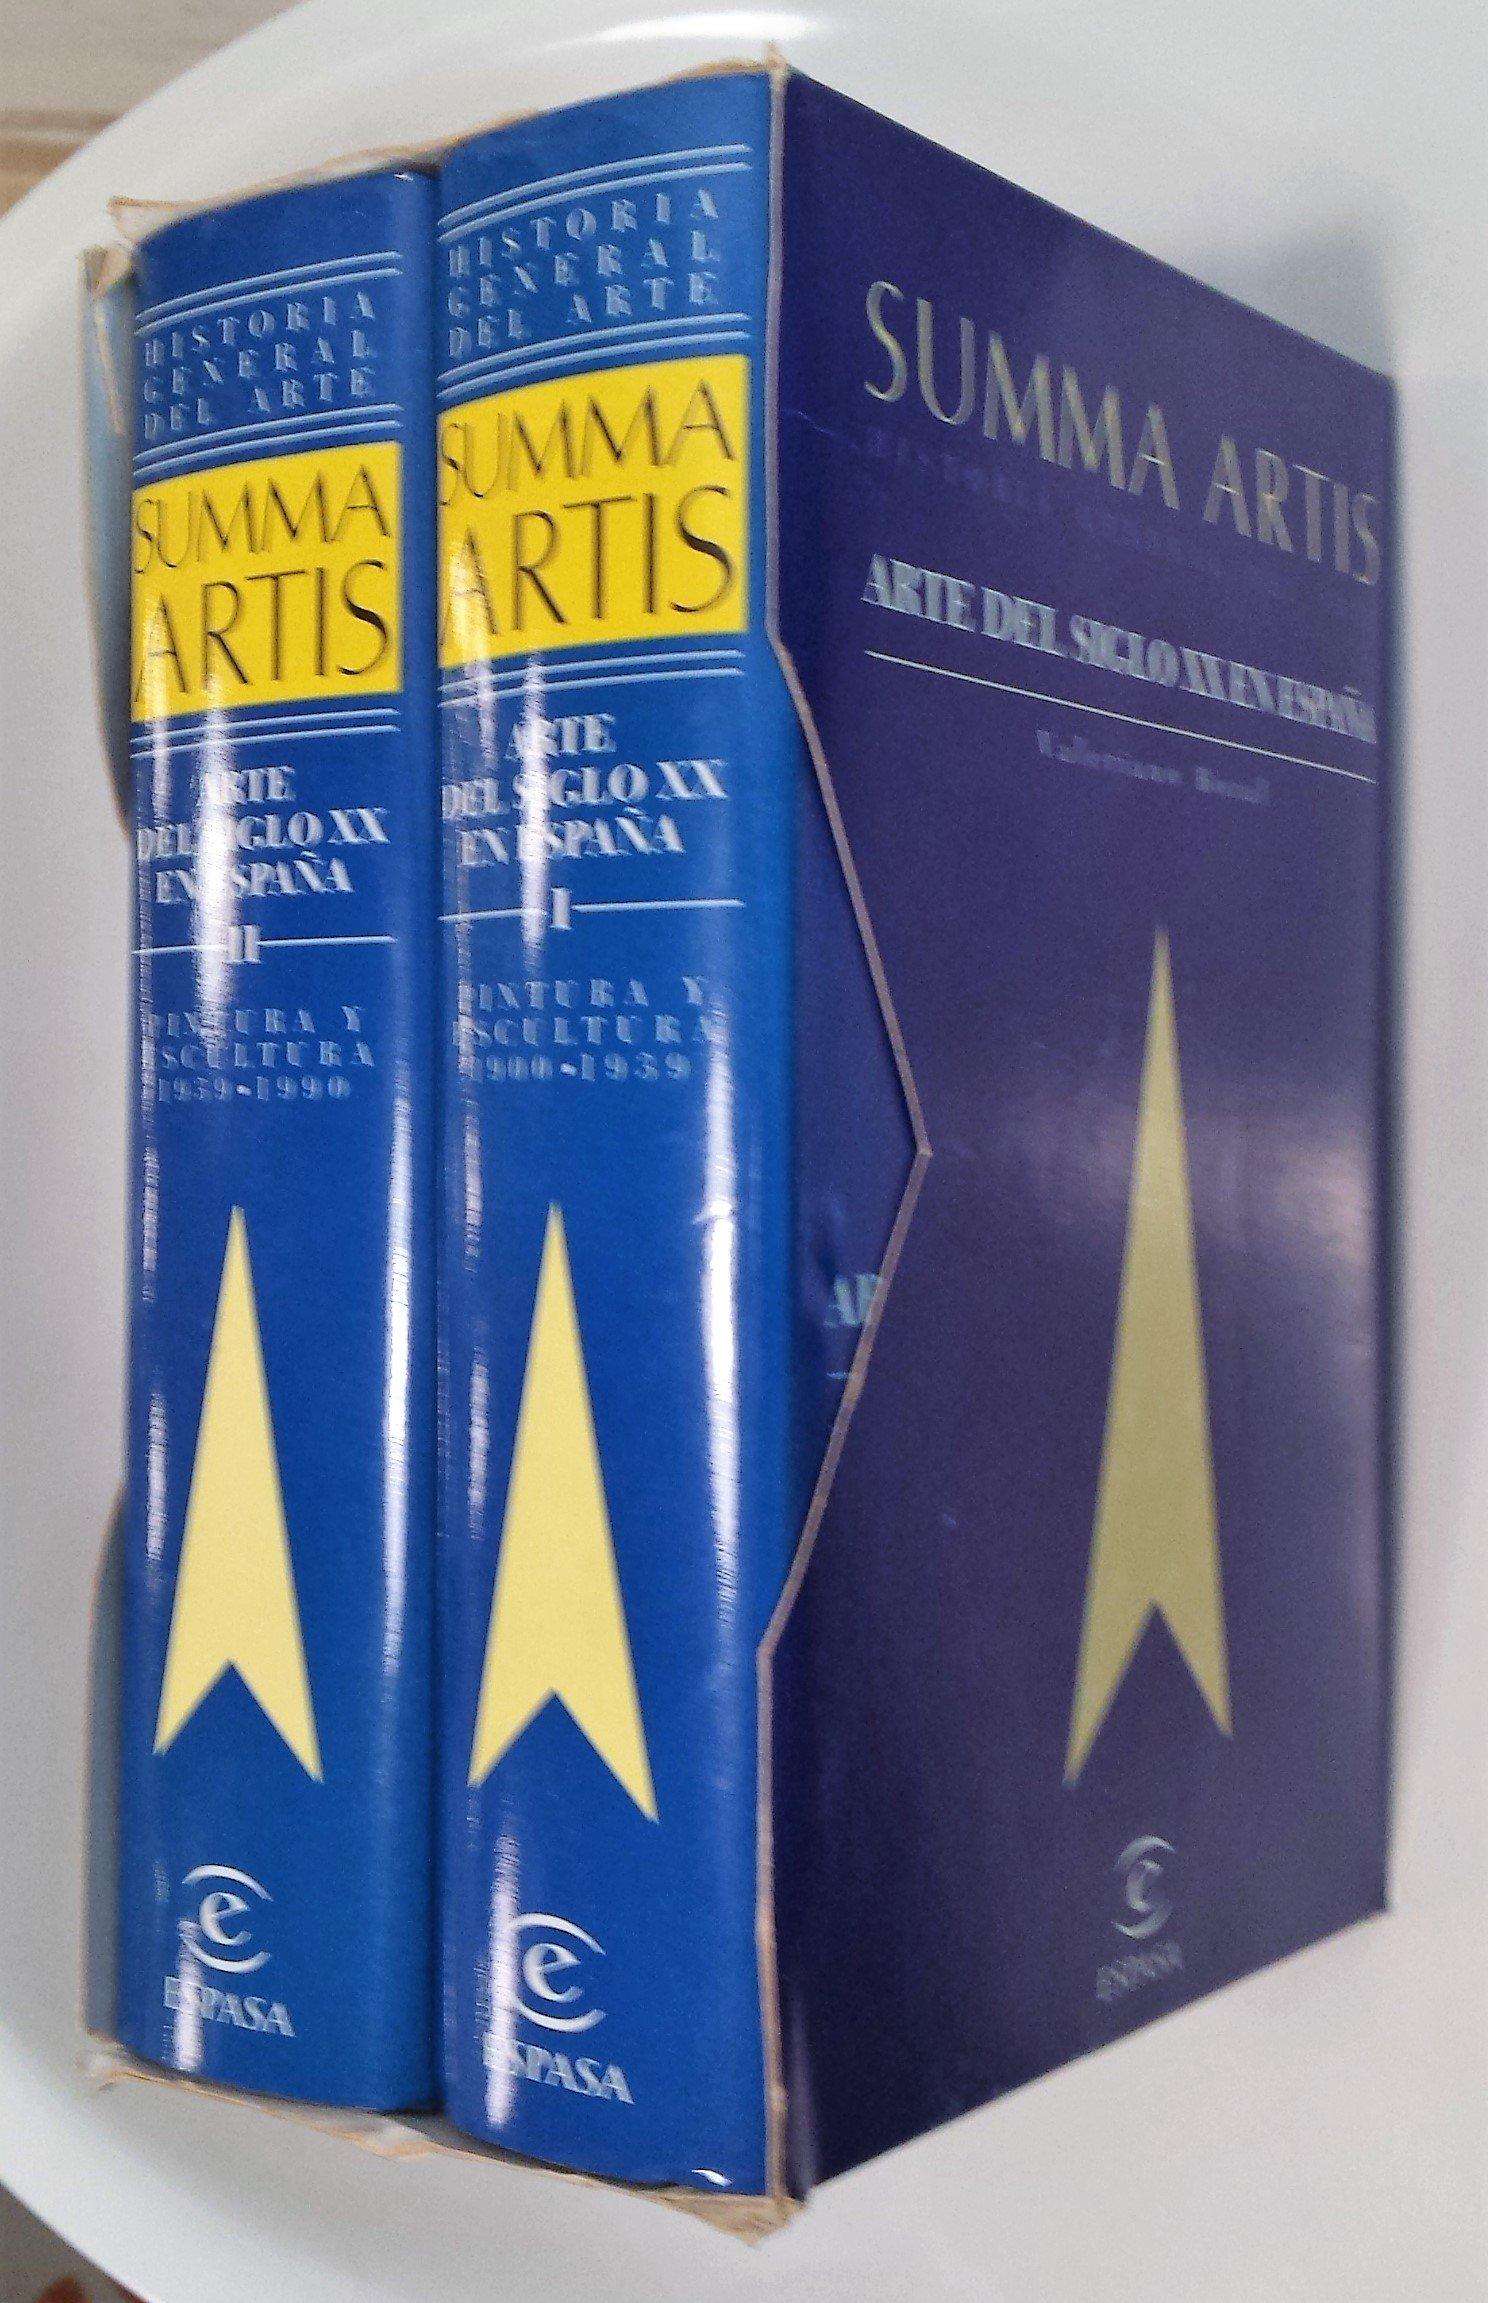 Arte del siglo XX en España, 2 vol.pintura y escultura 1900-1990: Amazon.es: Bozal, Valeriano: Libros